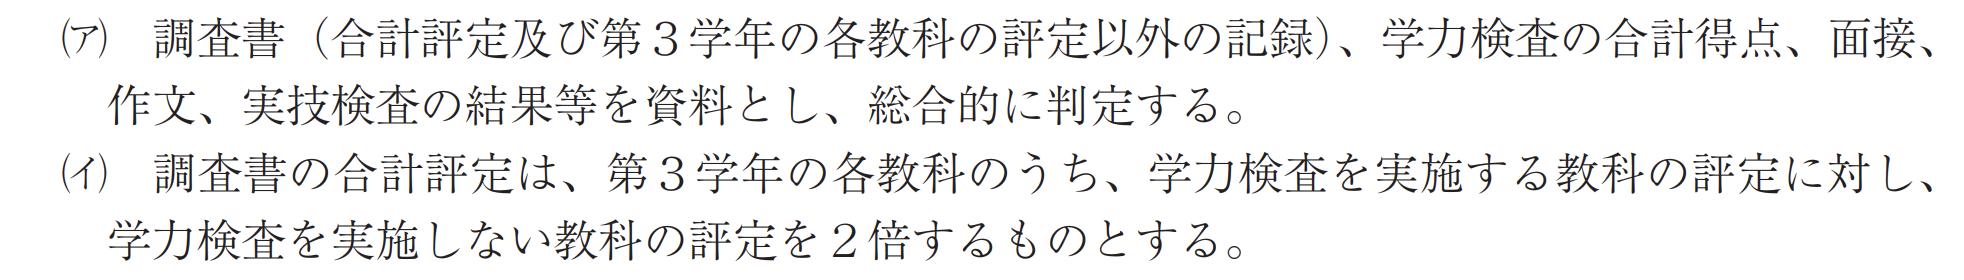 鳥取県公立高校入試制度2